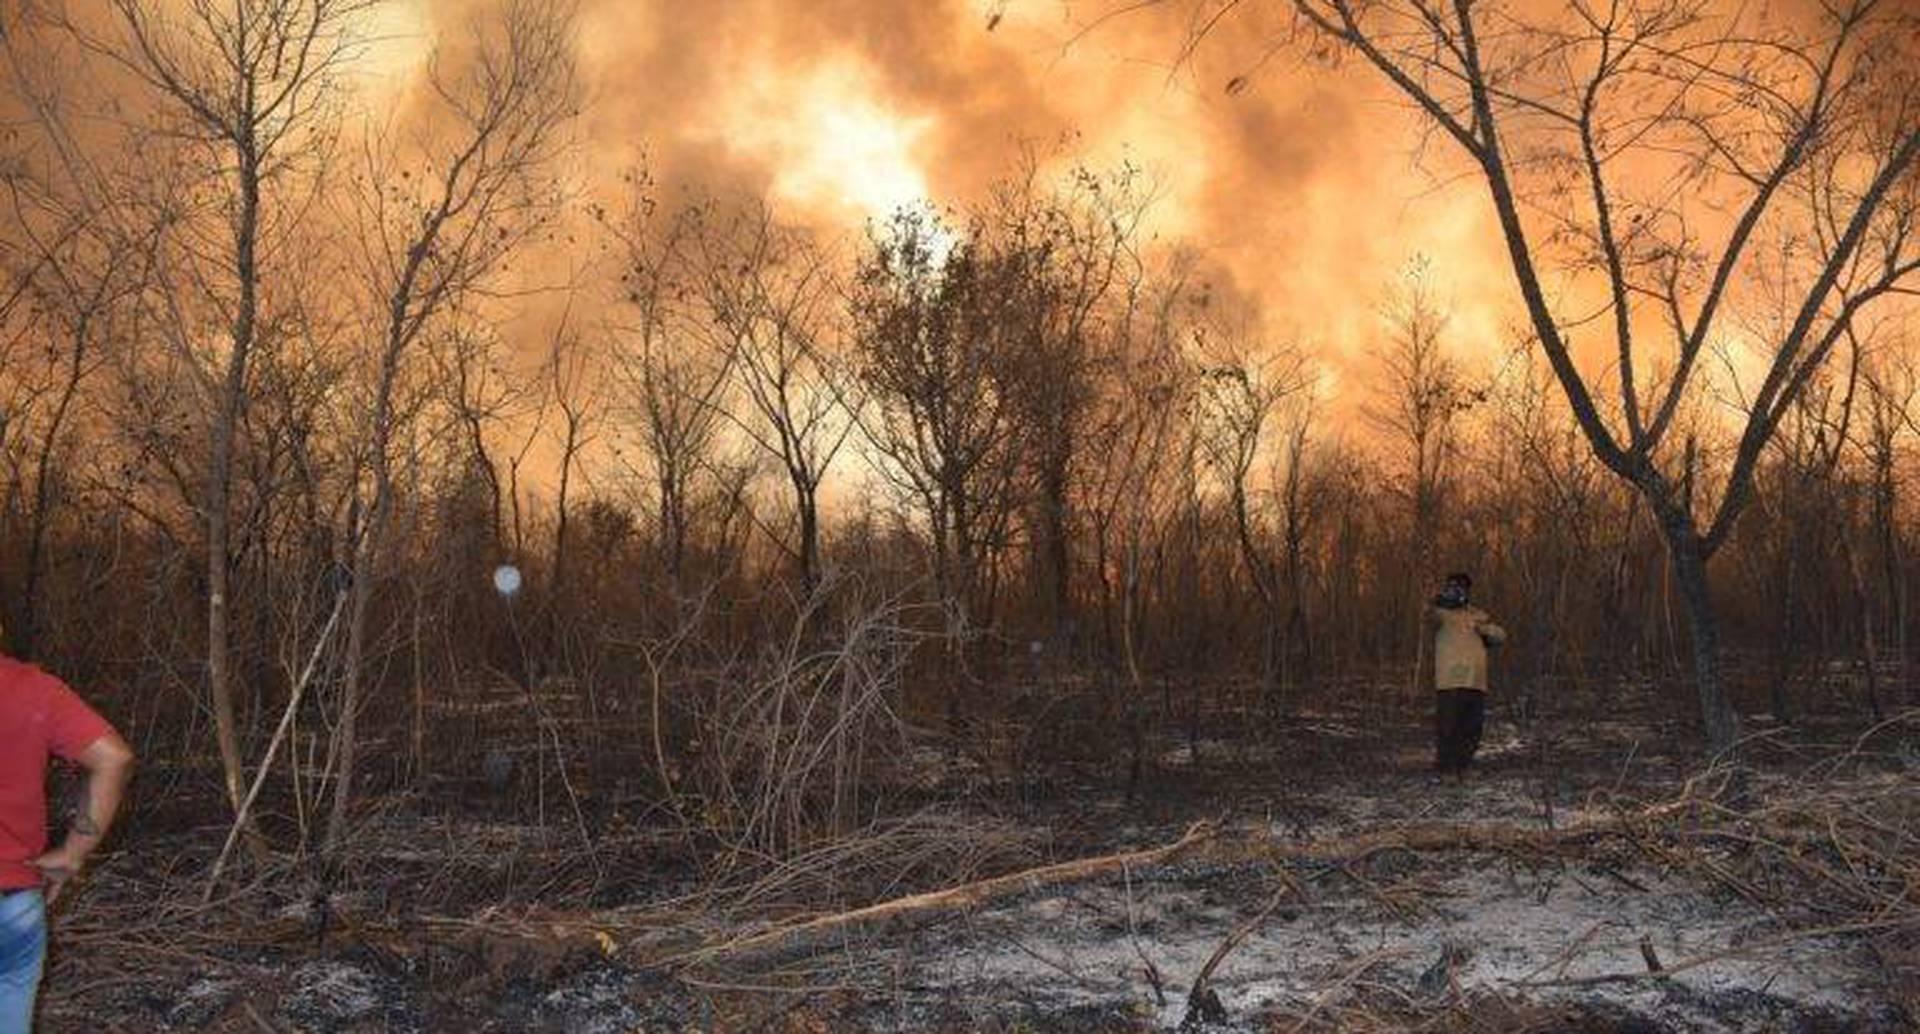 El horizonte es fuego. Las llamas avanzan y alguna cuadrilla de voluntarios observa el tamaño del desastre. Crédito: Juan de Dios Garay H.